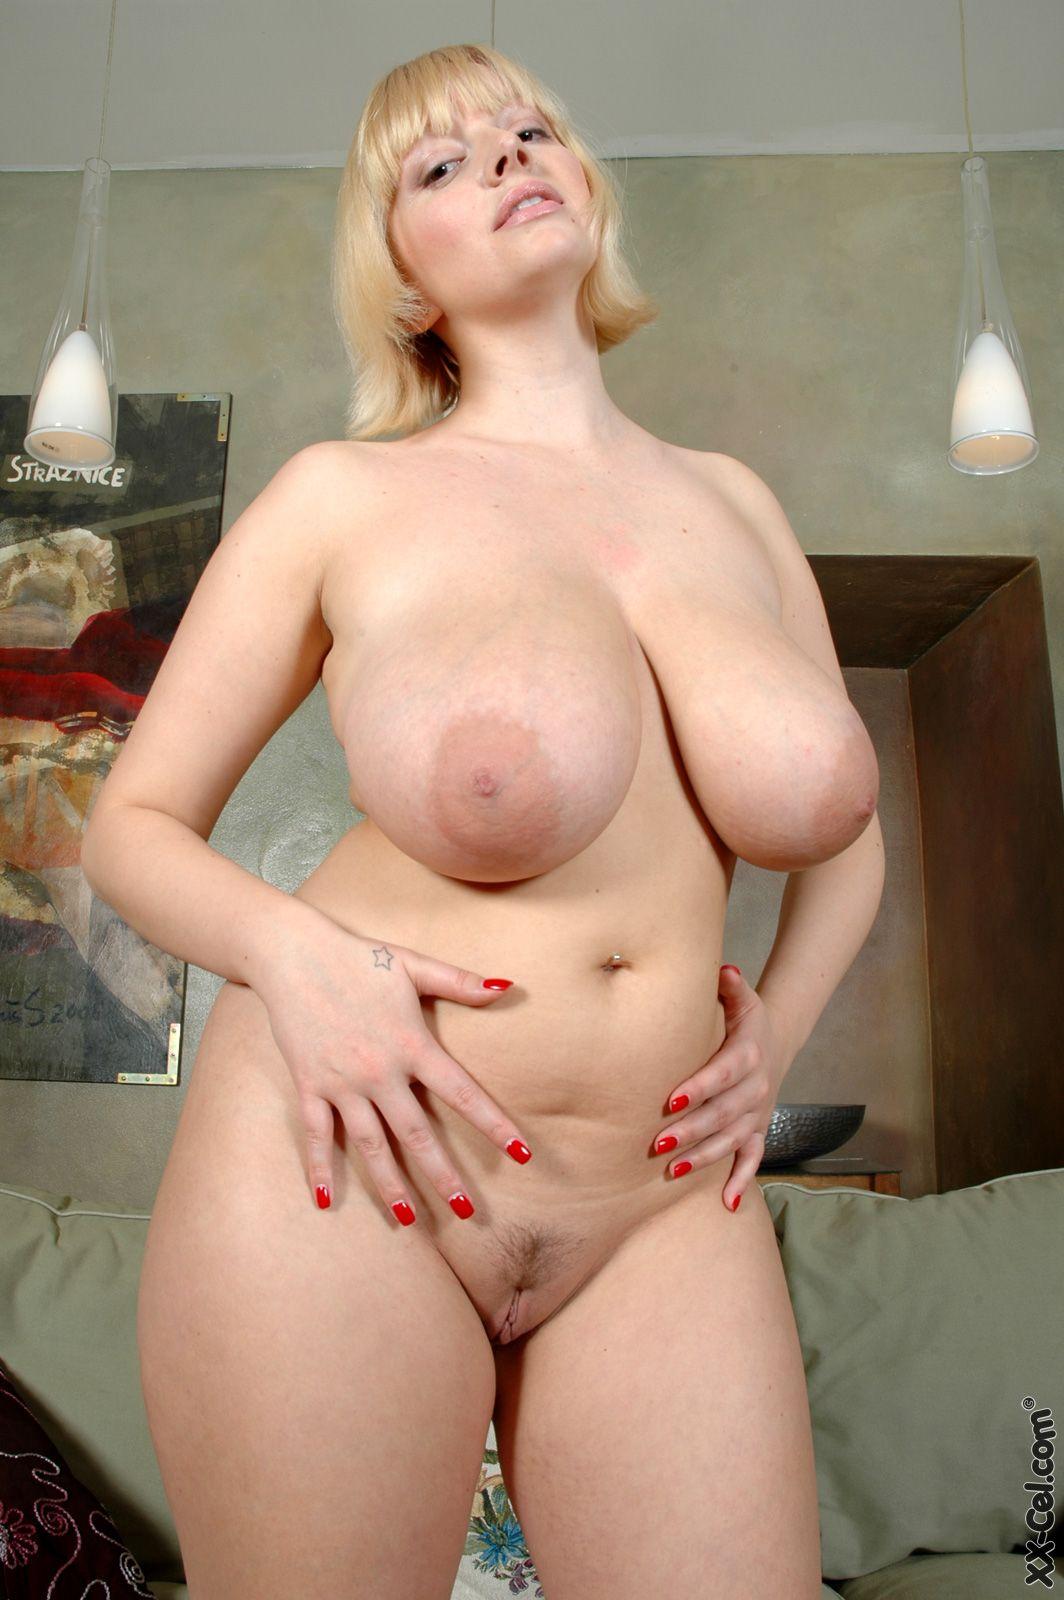 sara gilbert naked titties